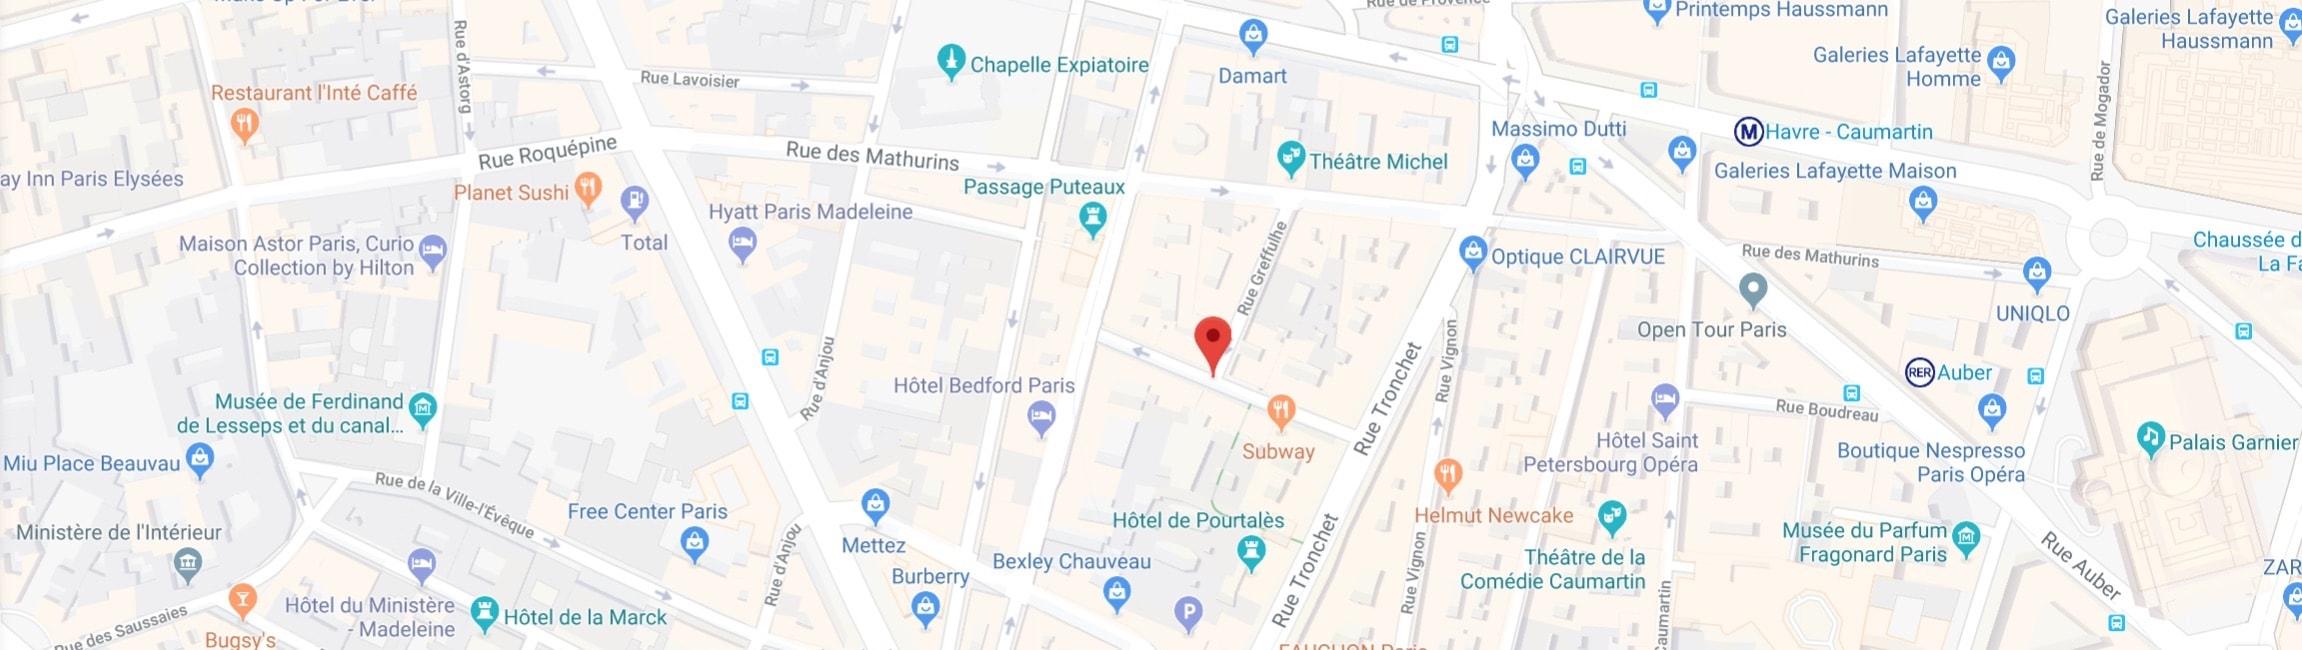 Agence événementiel Paris - adresse des bureaux